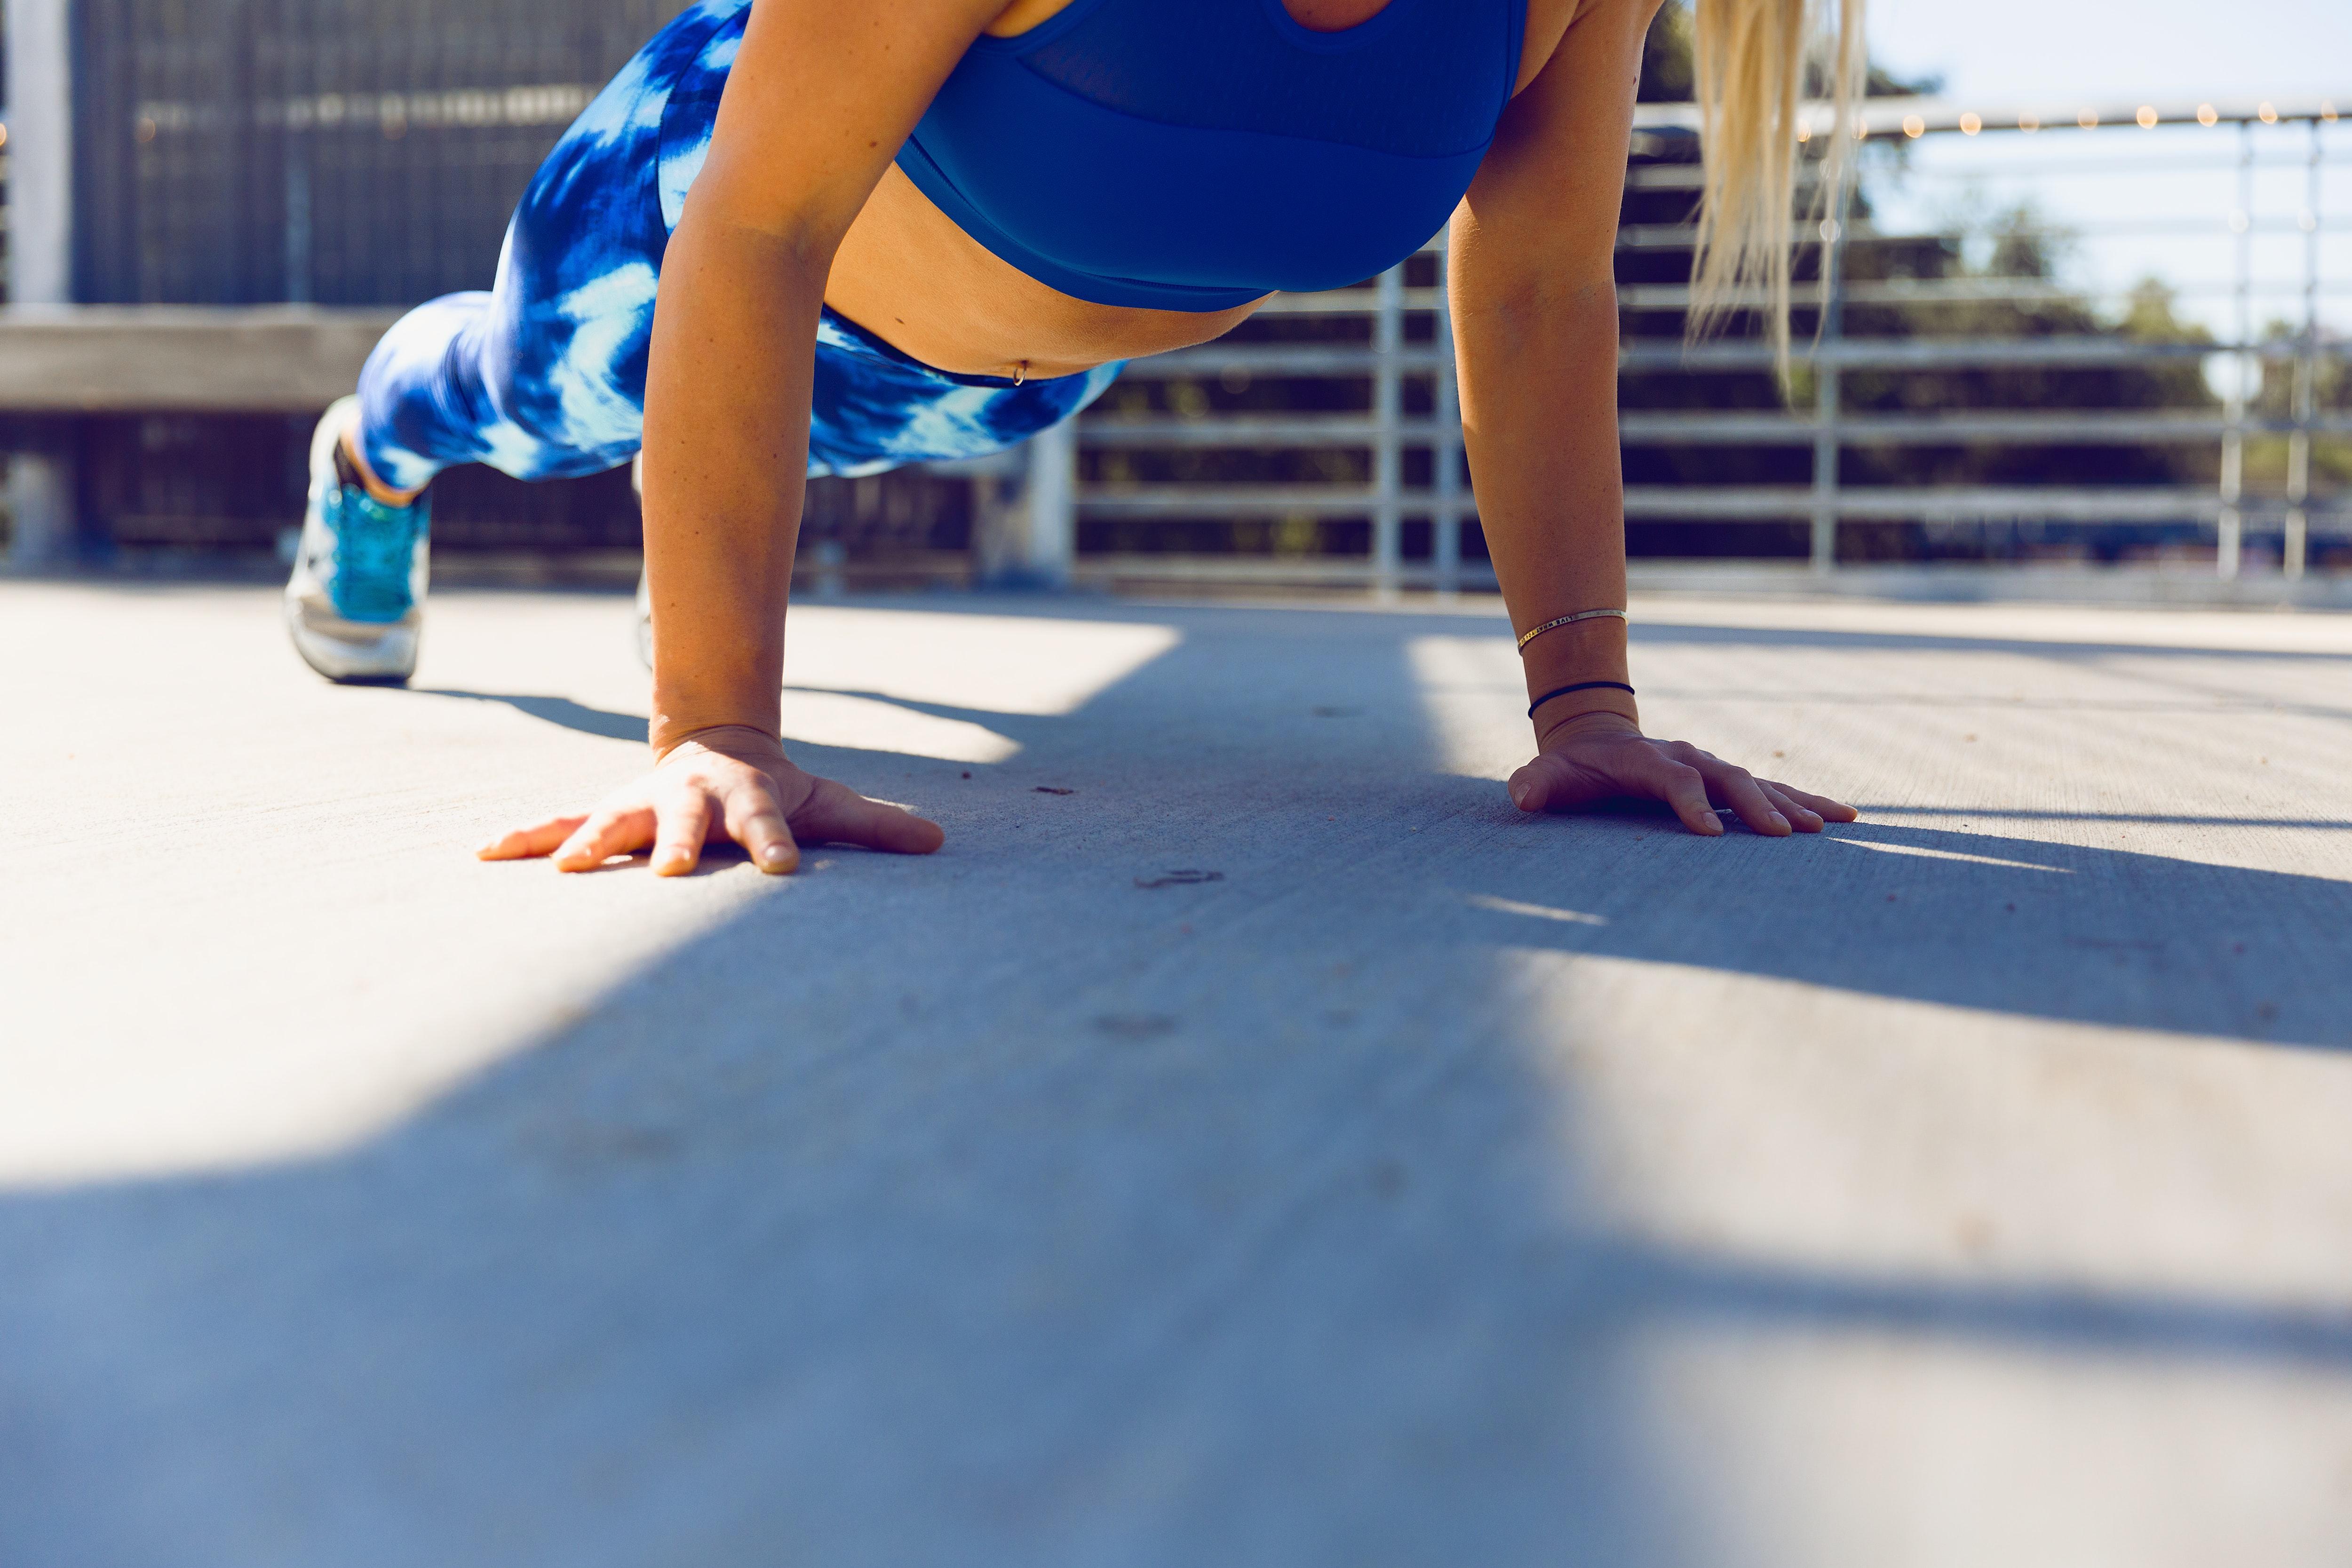 Não precisas de materiais para treinar, basta o peso do corpo / Photo by Ayo Ogunseinde on Unsplash